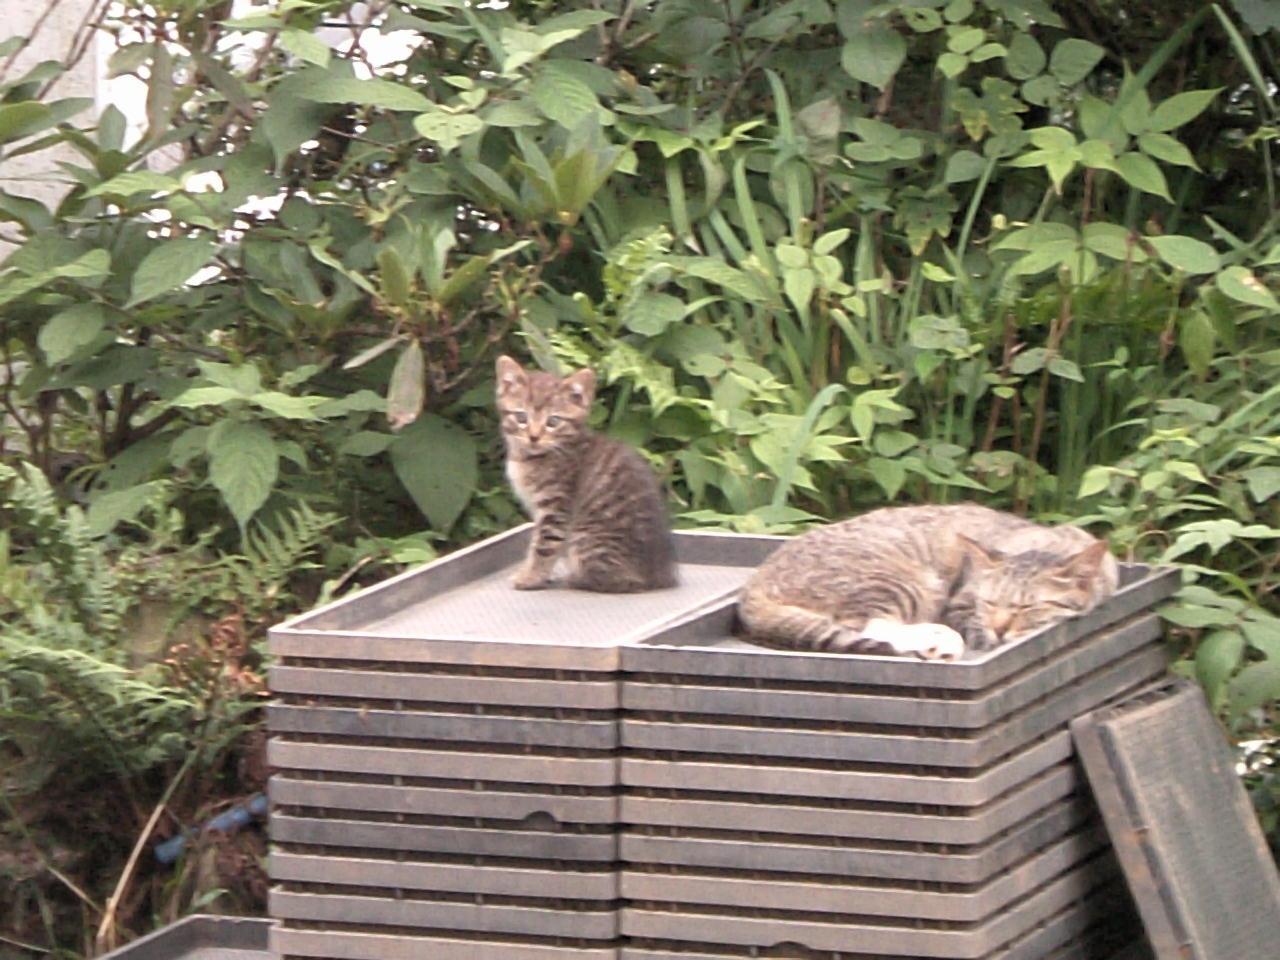 苗箱と猫 タビ